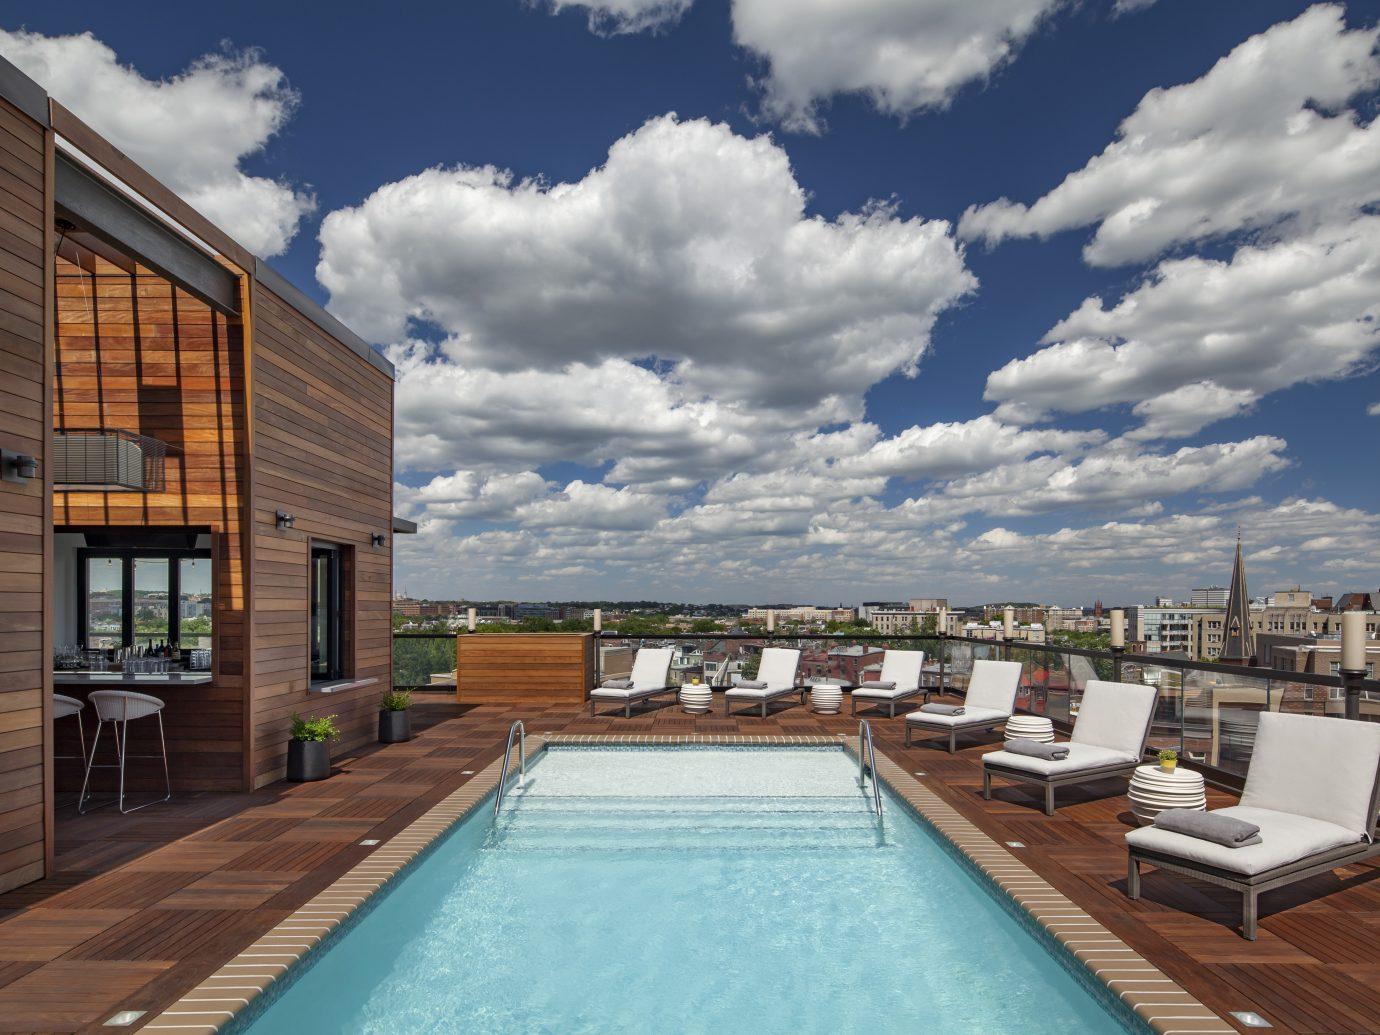 Pool and rooftop bar at Mason & Rook in Washington DC